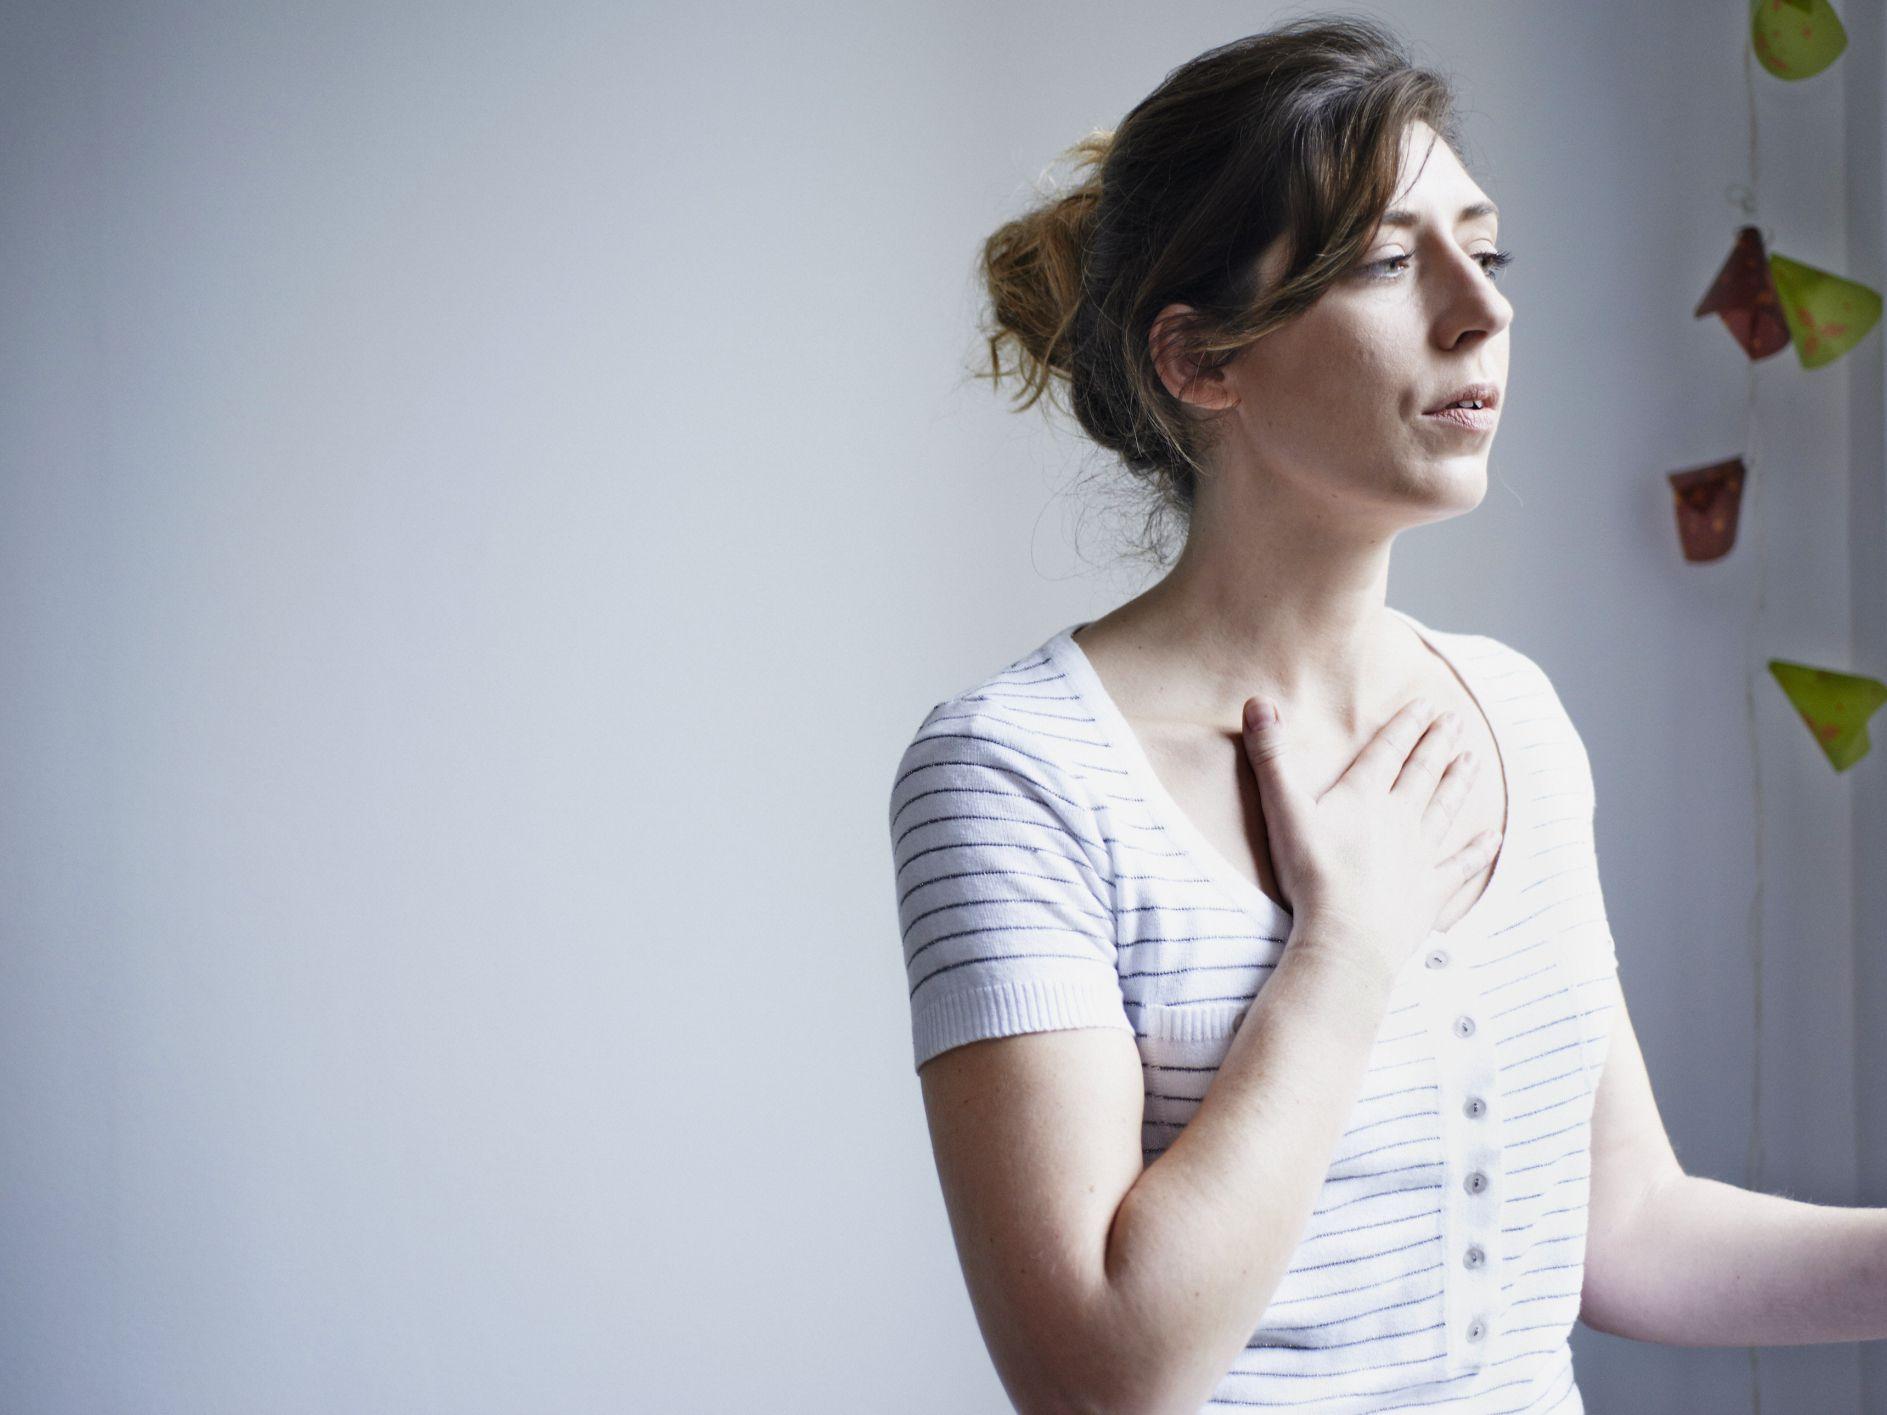 Gan nhiễm độc có thể gây bệnh toàn thân: Đừng bỏ qua 4 việc để thanh lọc từ trong ra ngoài - Ảnh 2.